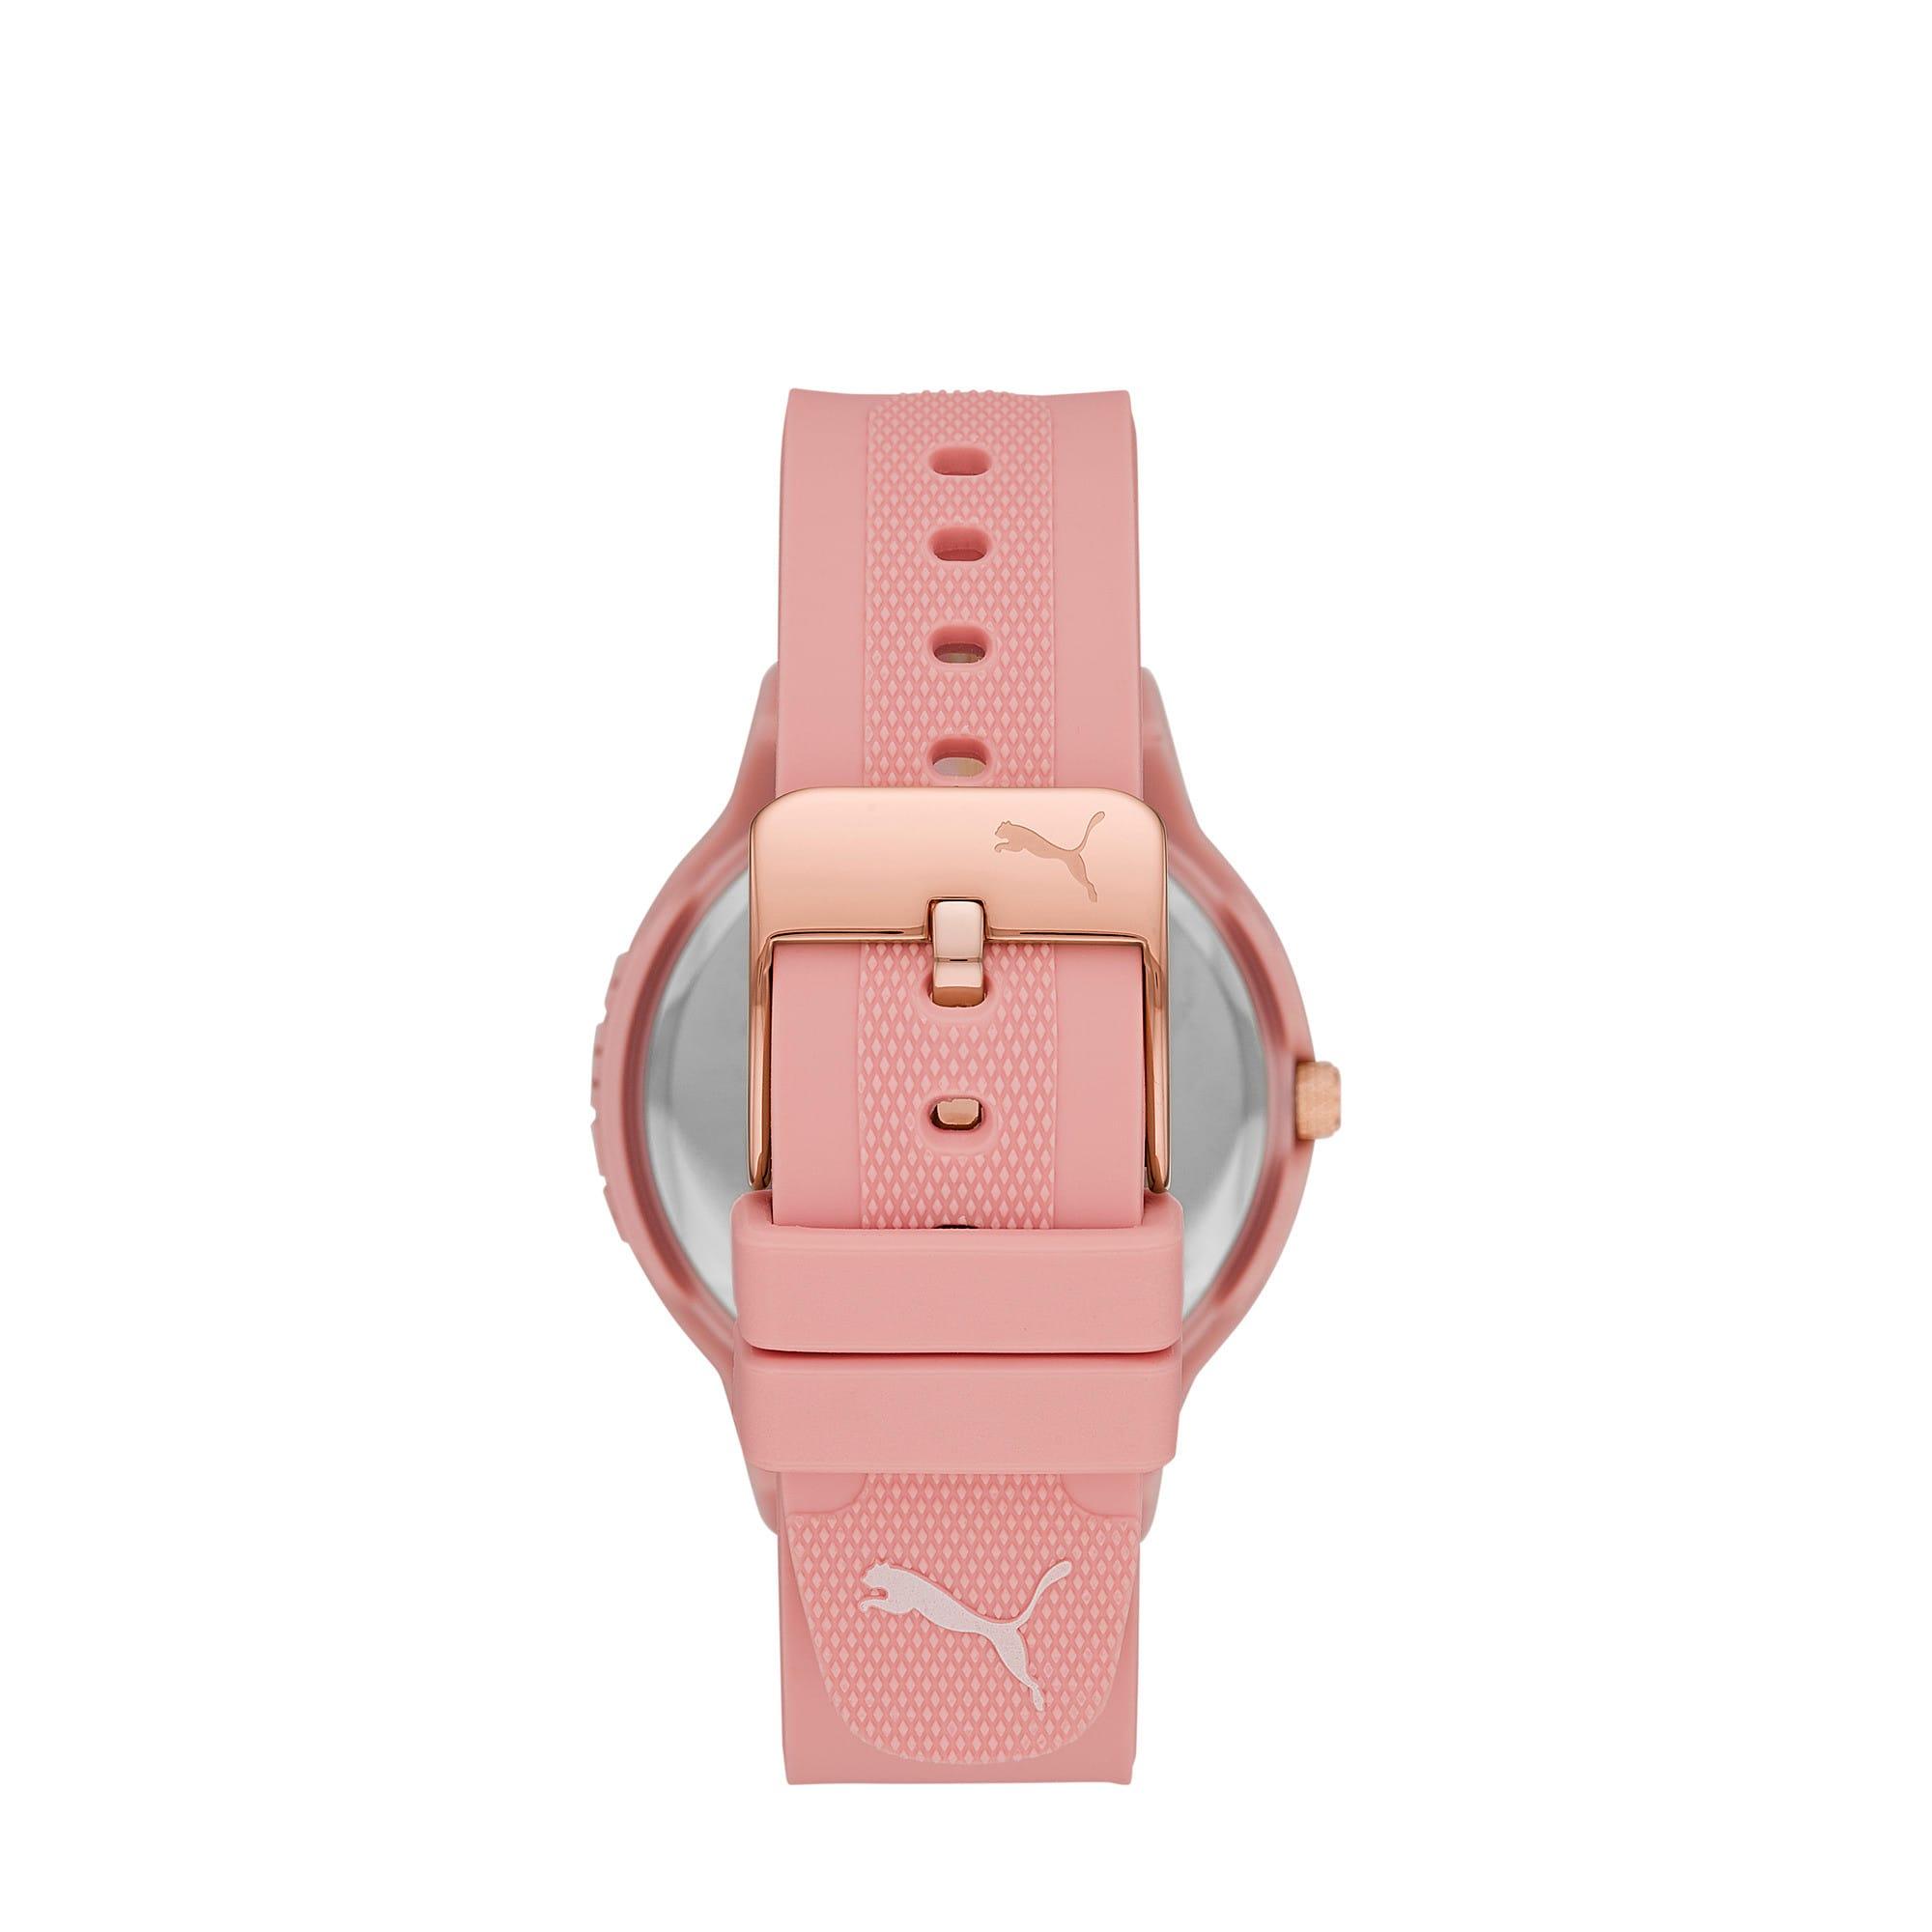 Thumbnail 2 of Reset Rose Gold Watch, Blush/Blush, medium